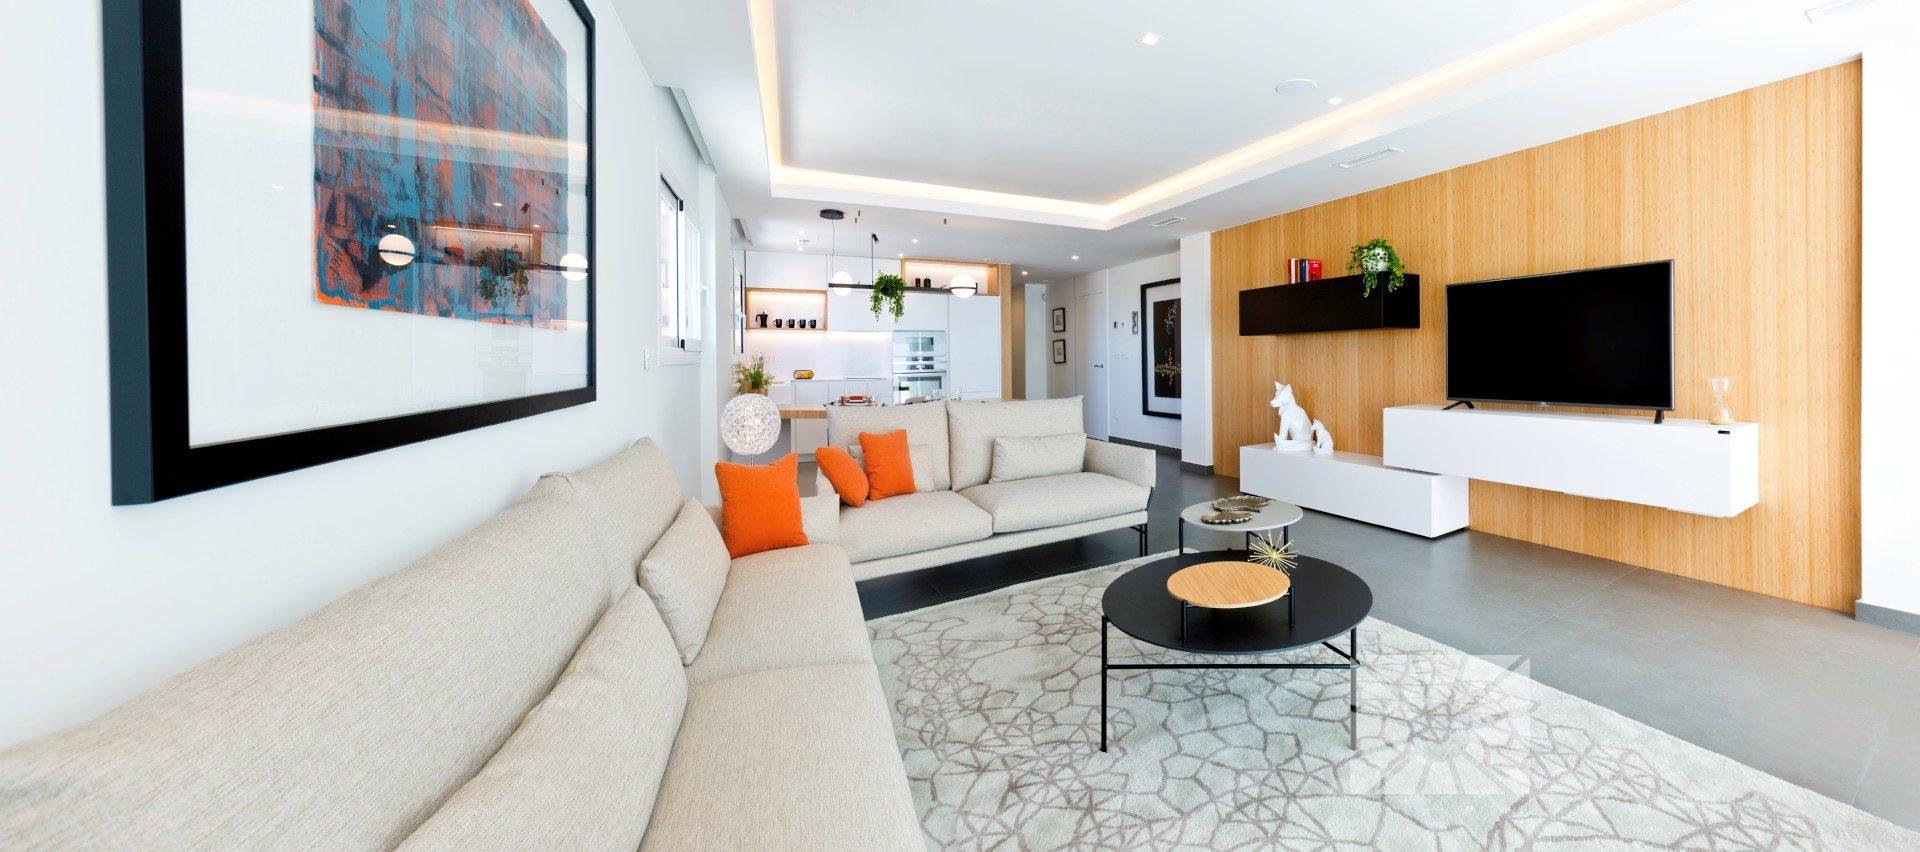 4 pièces  Appartement  106 m²